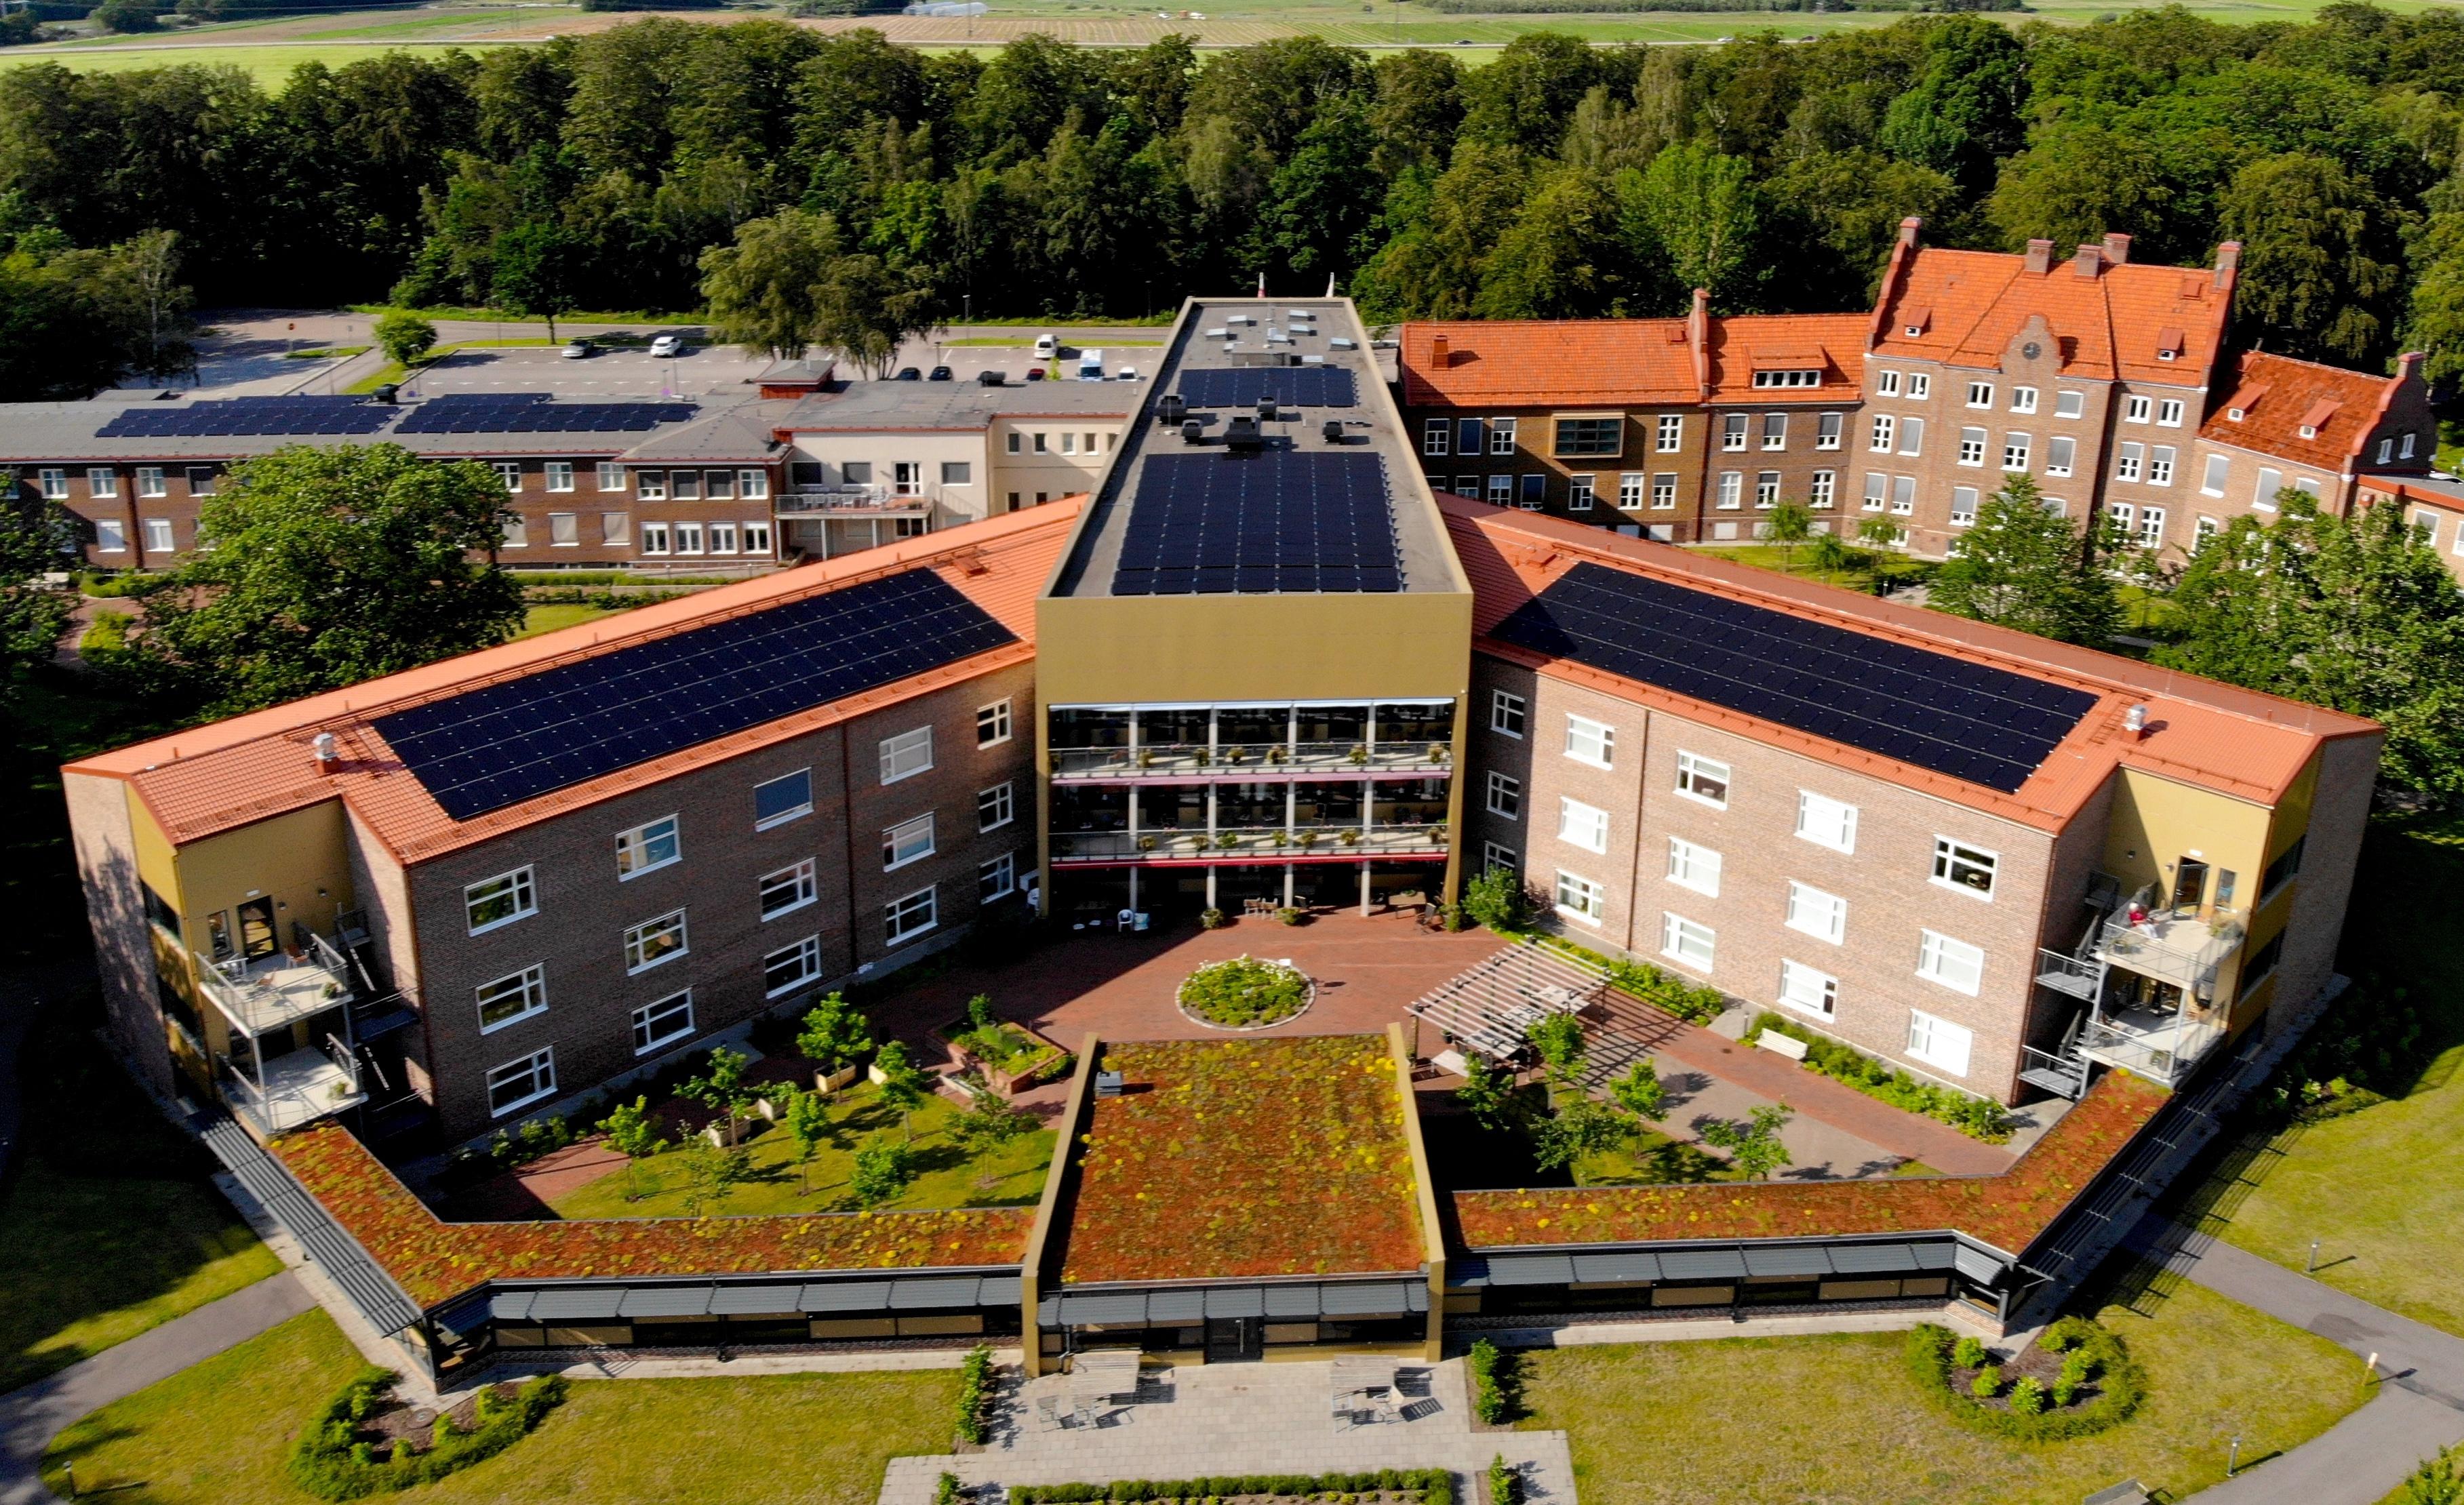 Save by Solar har installerat solceller i Helsingborg åt Helsingborgs Stad i deras projekt Solvision